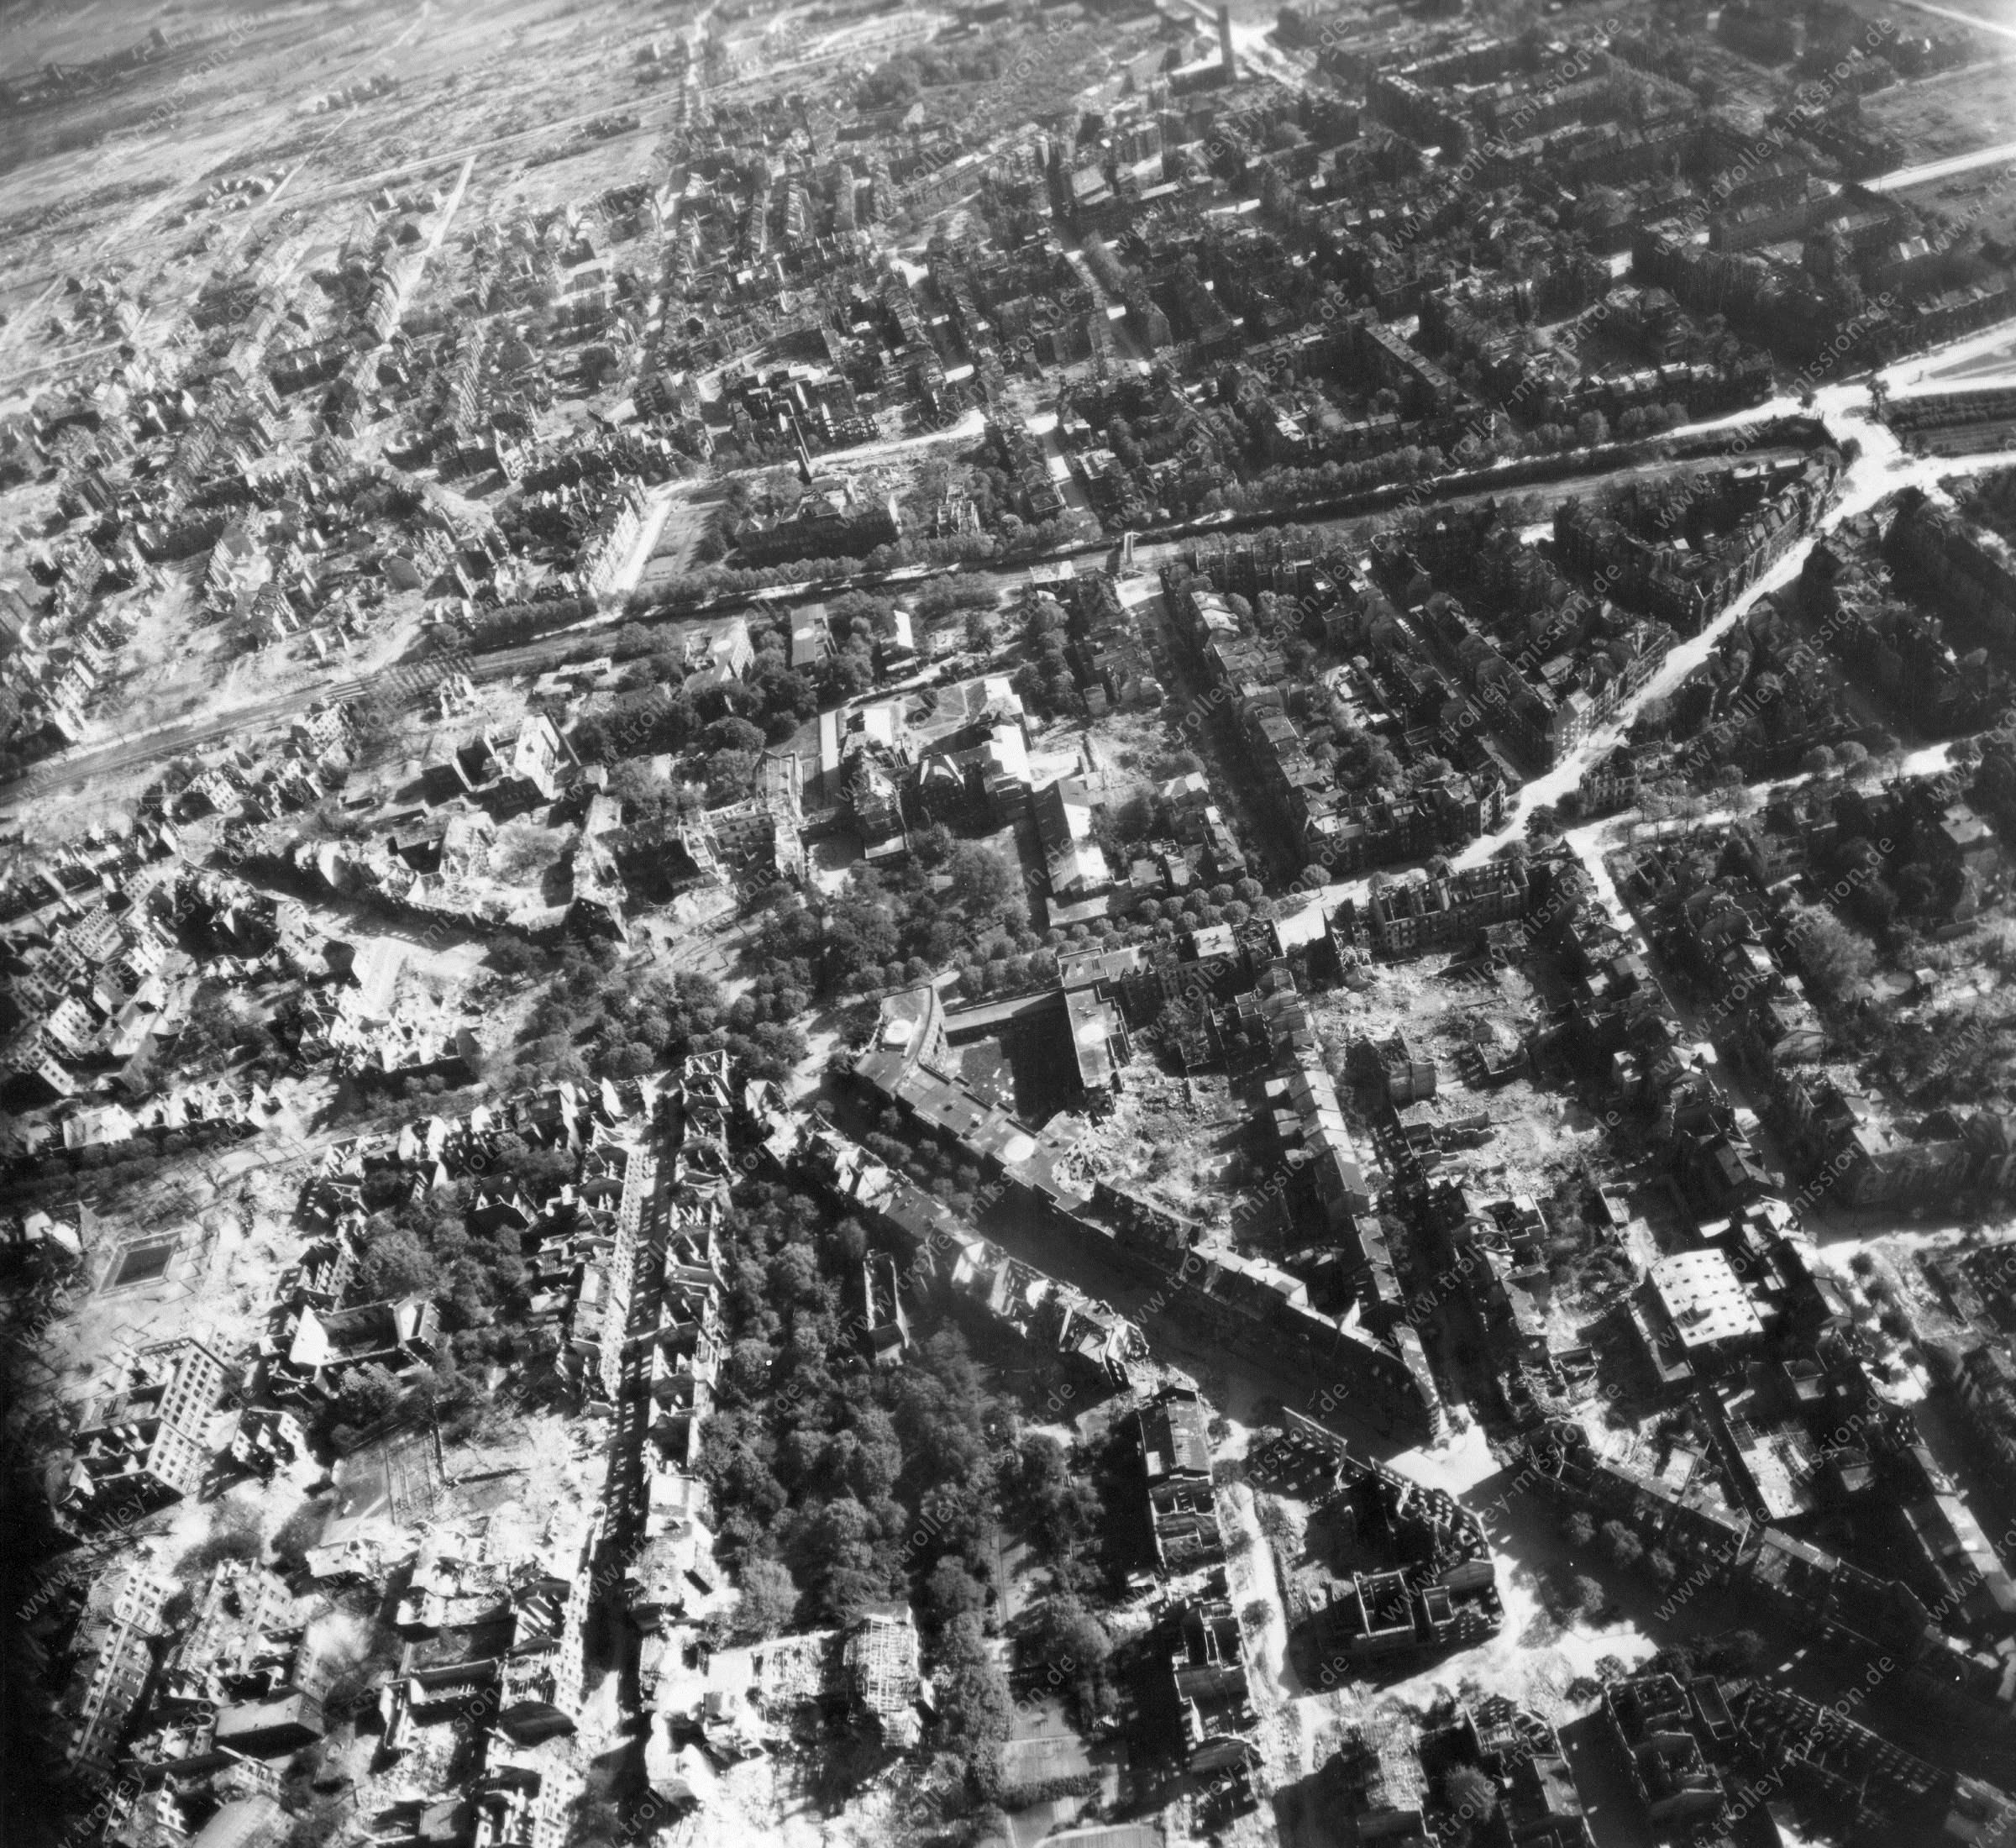 Luftbild von Dortmund am 12. Mai 1945 - Luftbildserie 4/4 der US Air Force